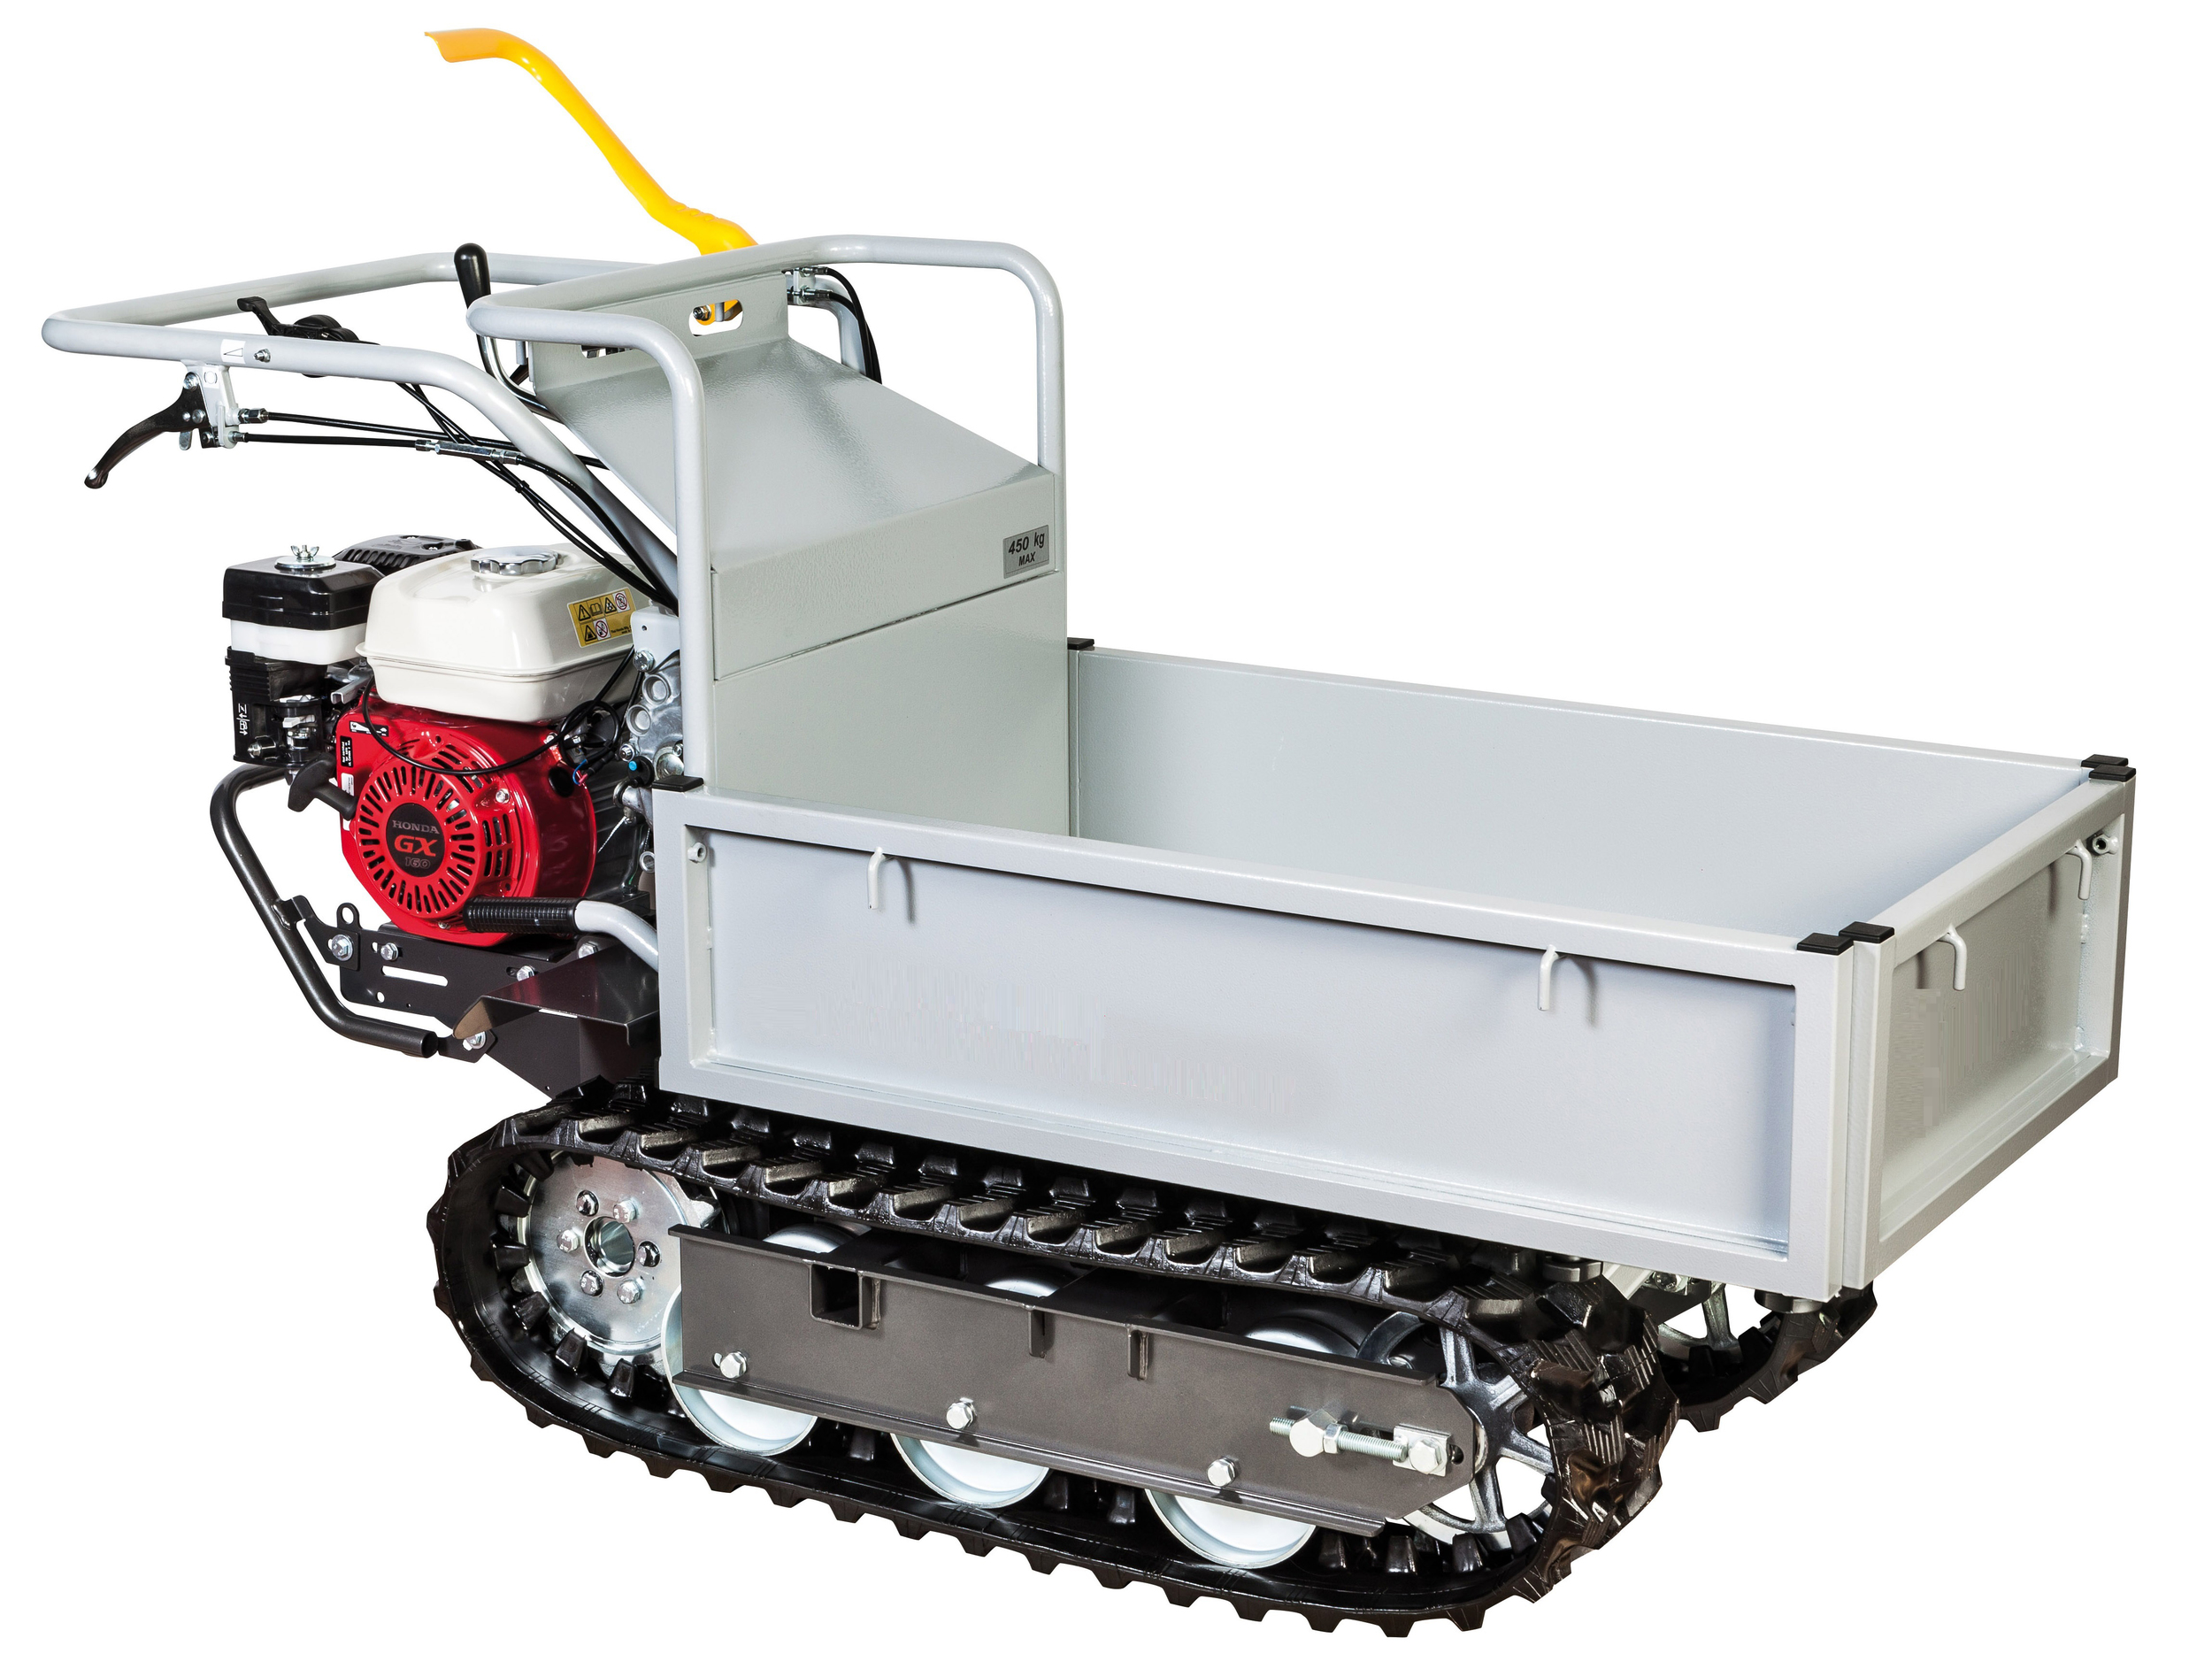 RC450_track_hauler_dumper_pmi_equipment